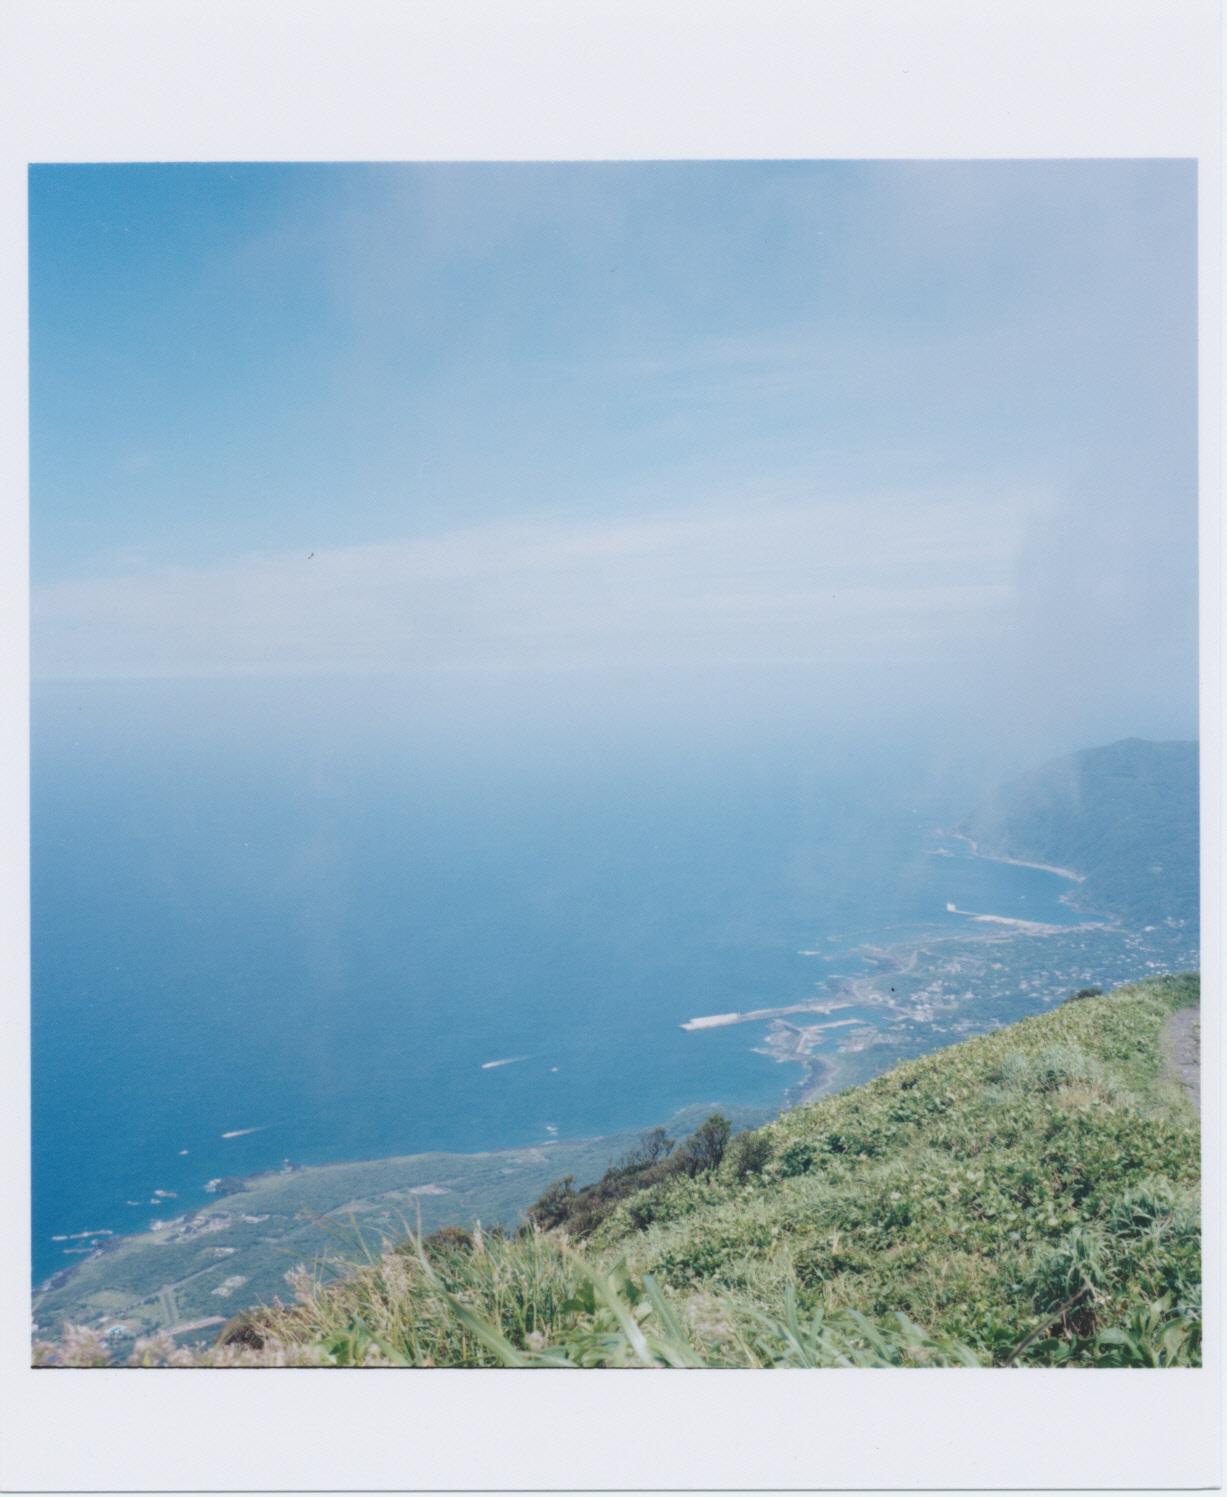 八丈富士からの眺め